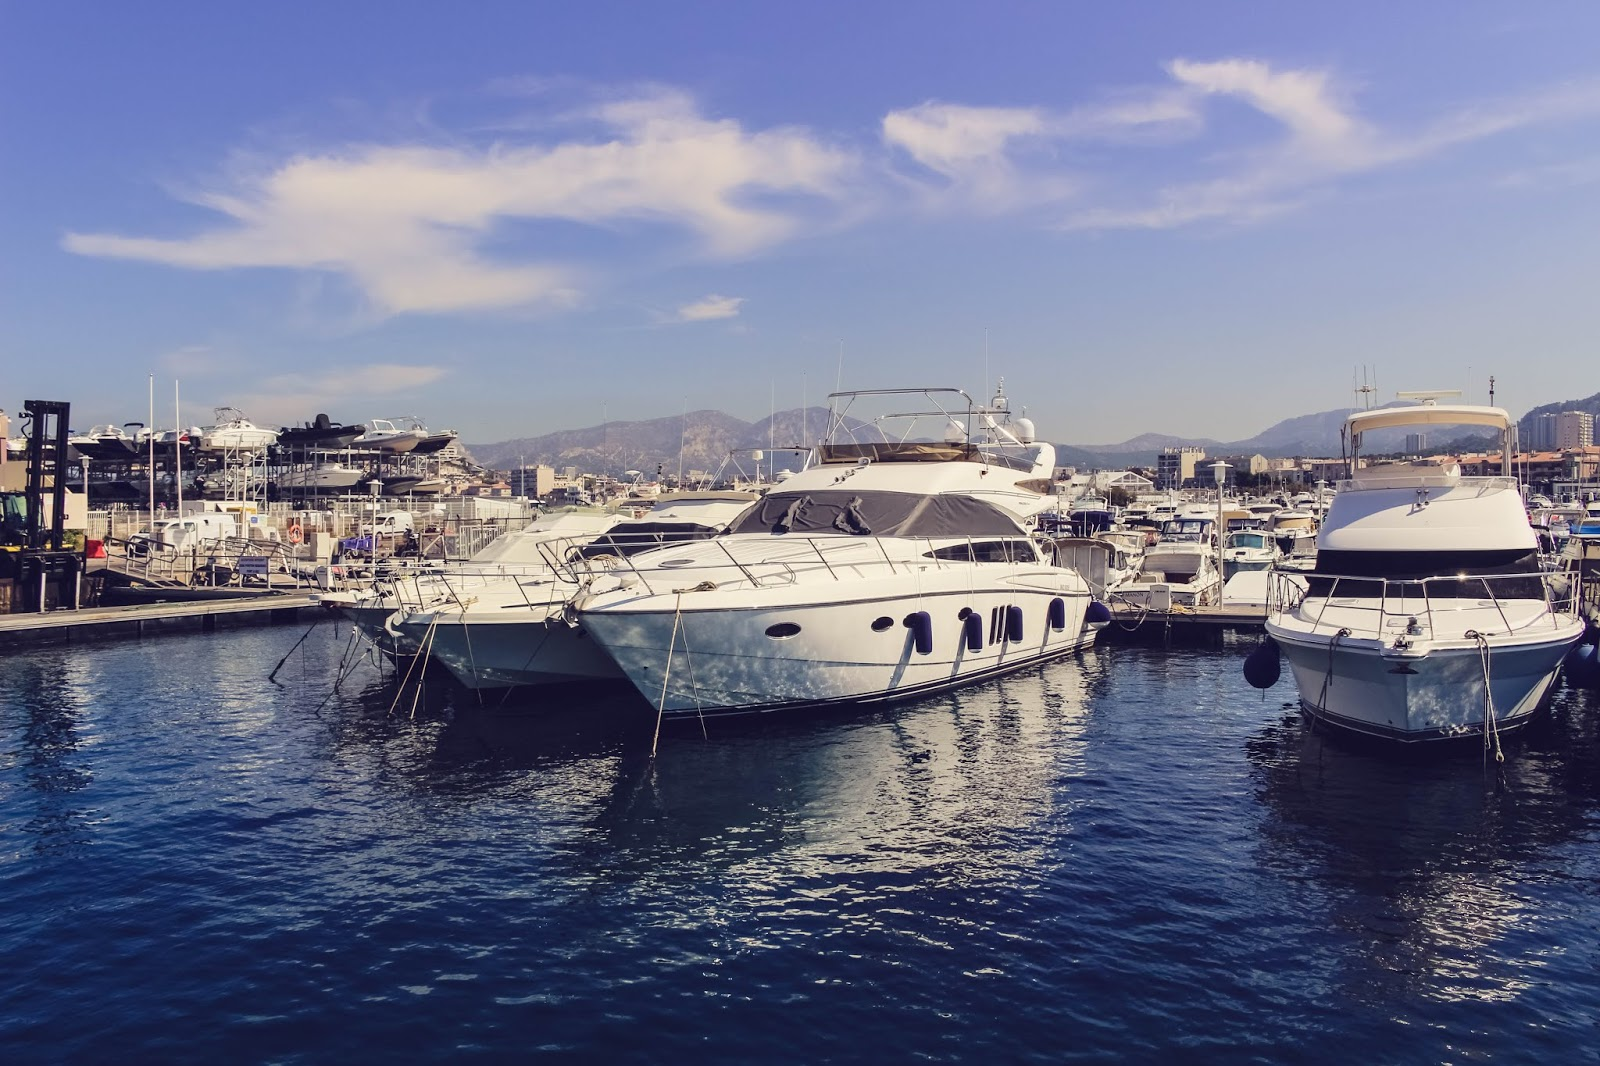 balade en mer blog voyage